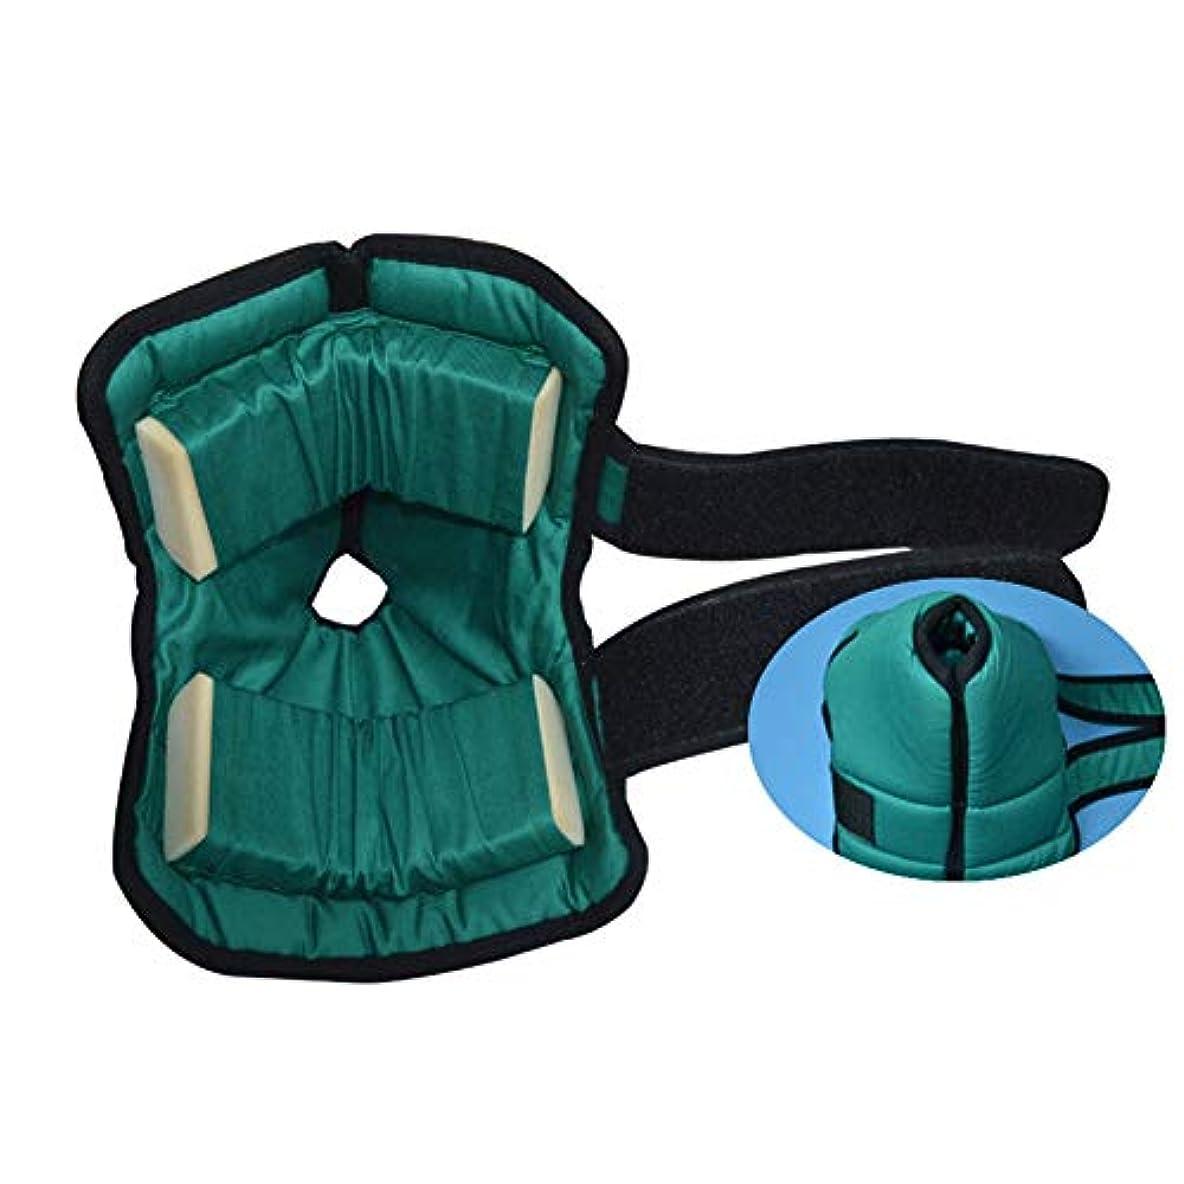 スナッチソロコメントかかとプロテクター枕、足枕かかとクッションプロテクター、Pressure瘡予防のためのアキレス腱プロテクター、高齢者の足の補正カバー-1ペア